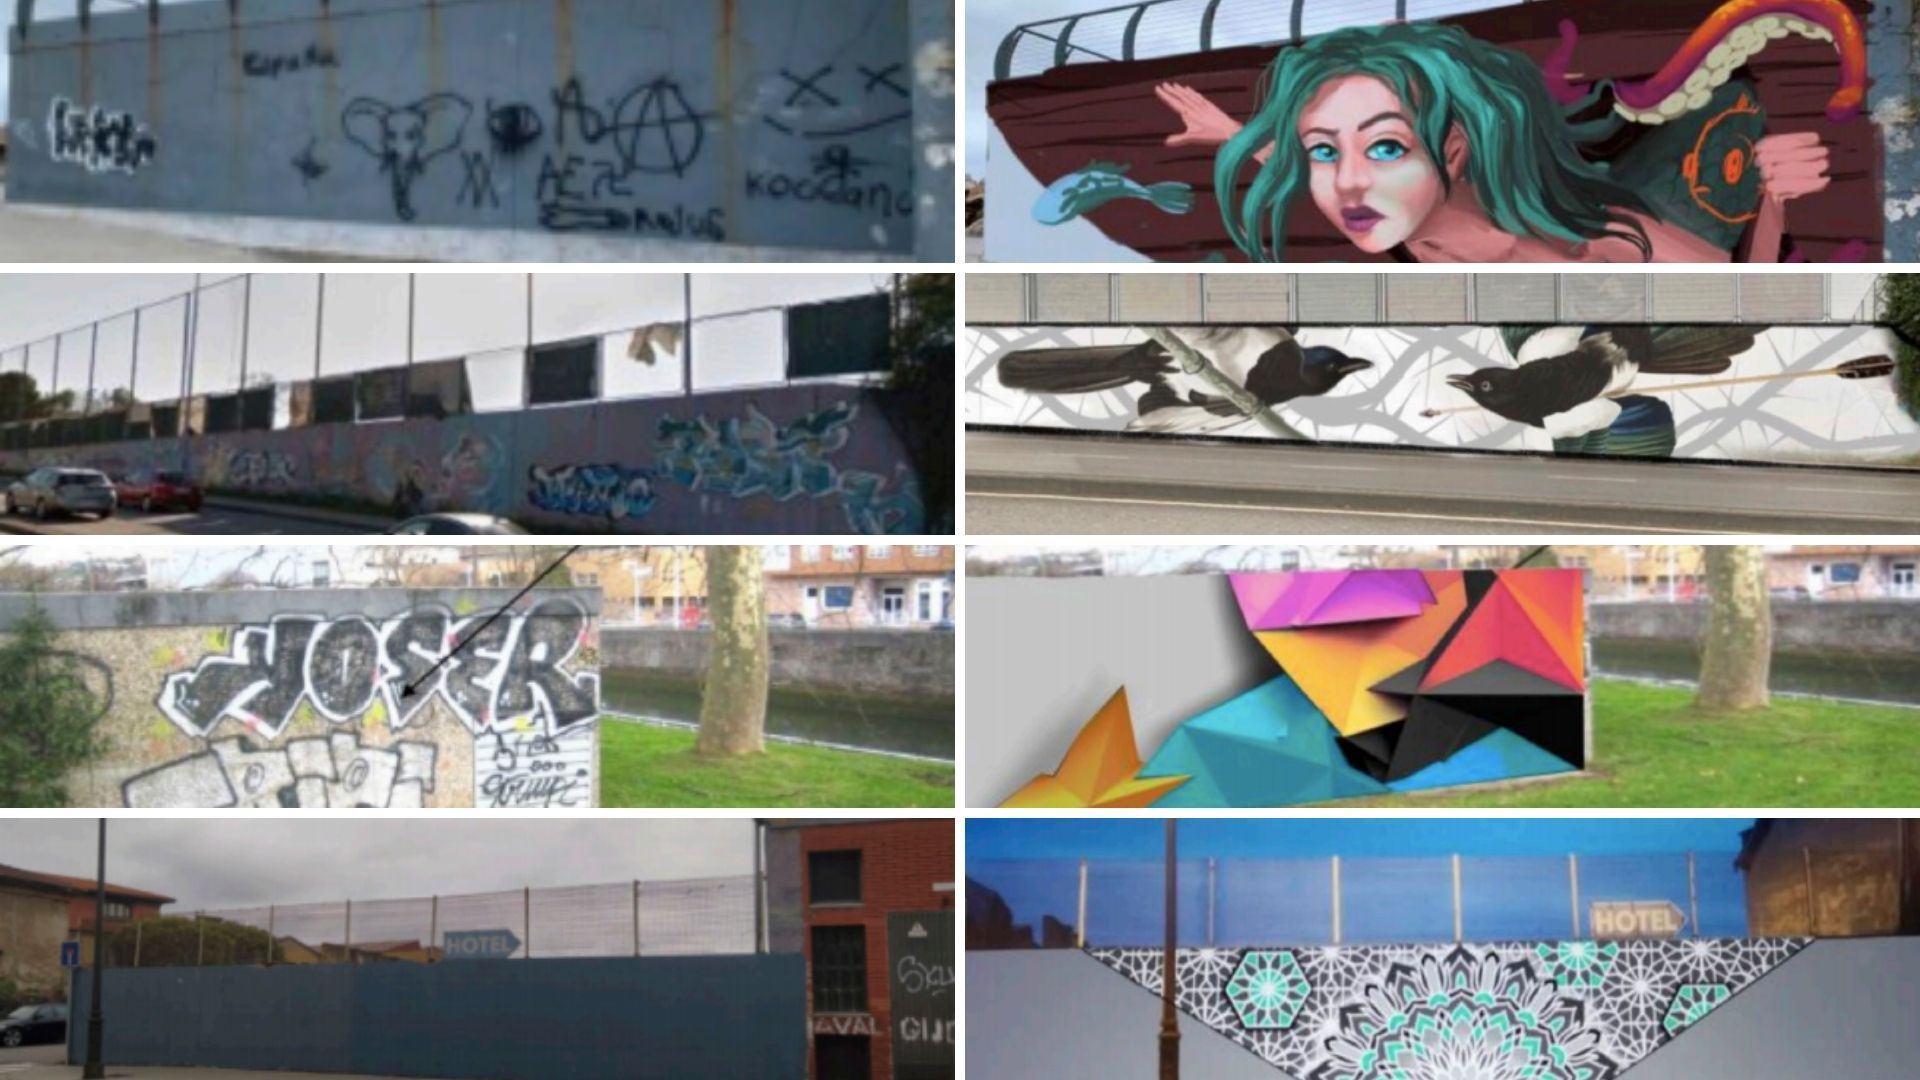 Cuatro de las zonas que se van a muralizar, con el resultado previsto a la derecha de cada imagen de la izquierda, a partir de septiembre en Gijón